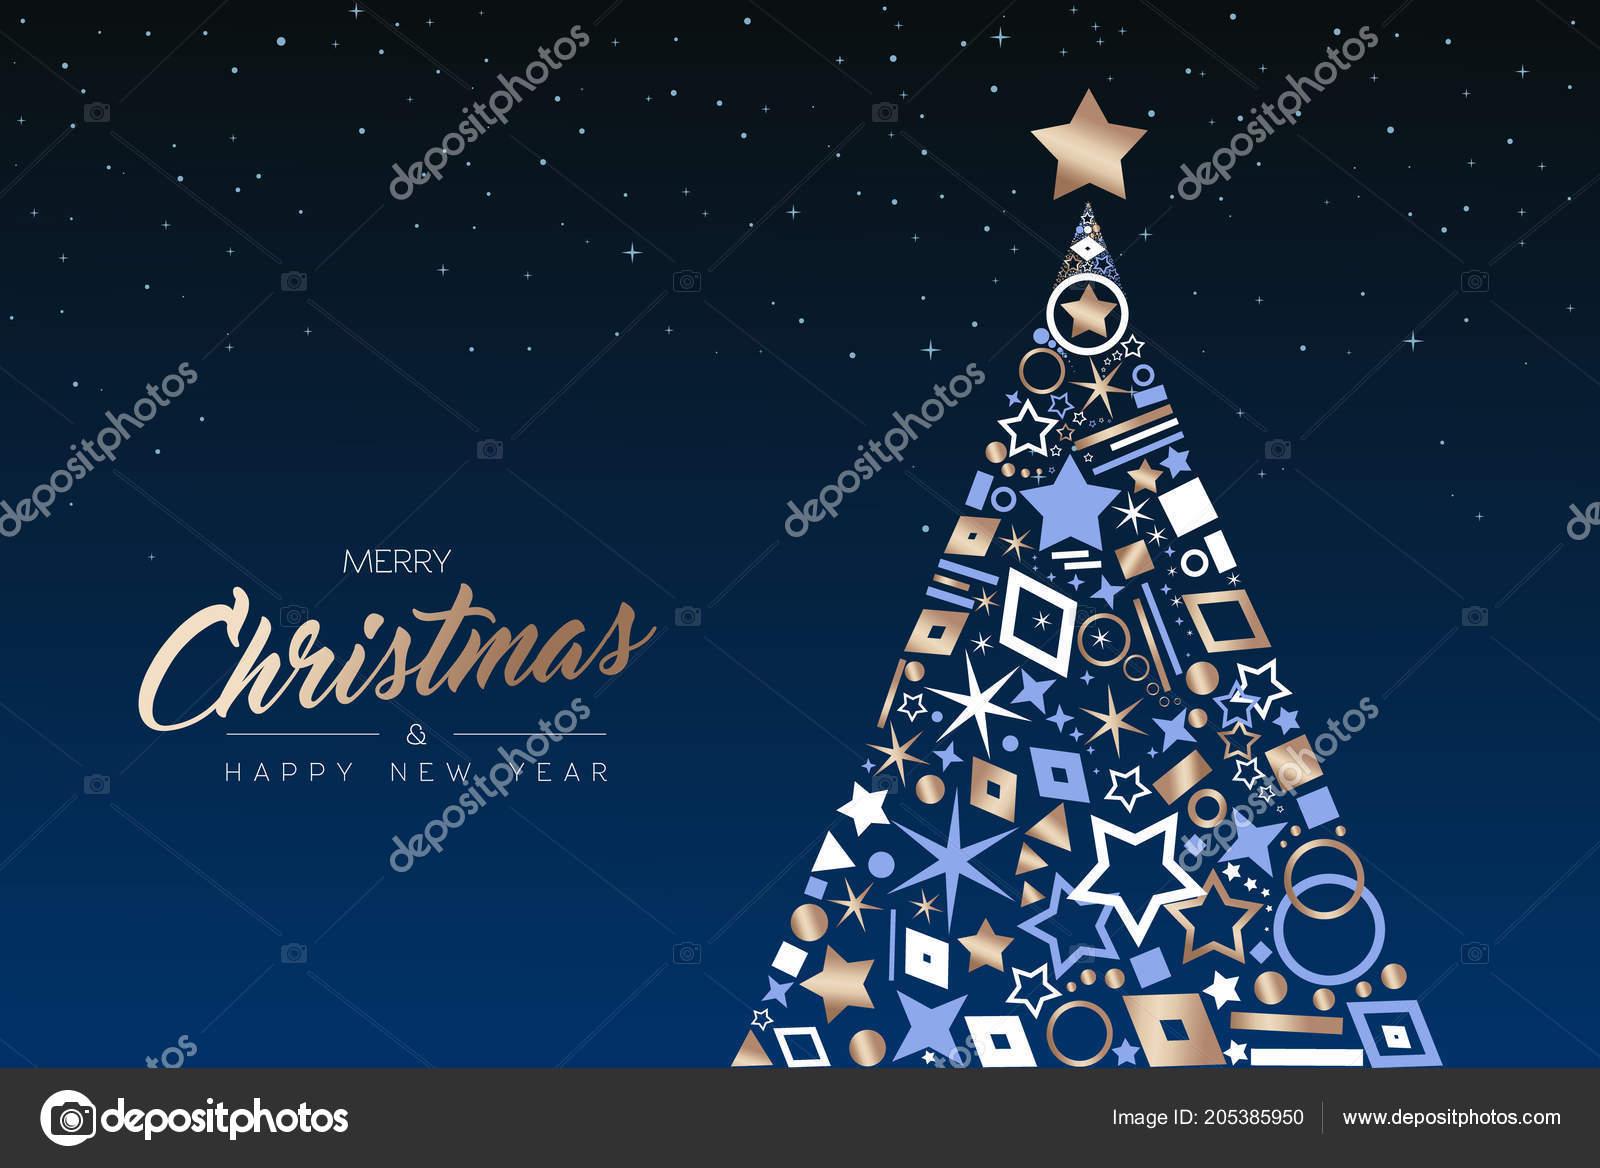 Auguri Di Buon Natale Eleganti.Cartolina Auguri Buon Natale Felice Anno Nuovo Elegante Albero Pino